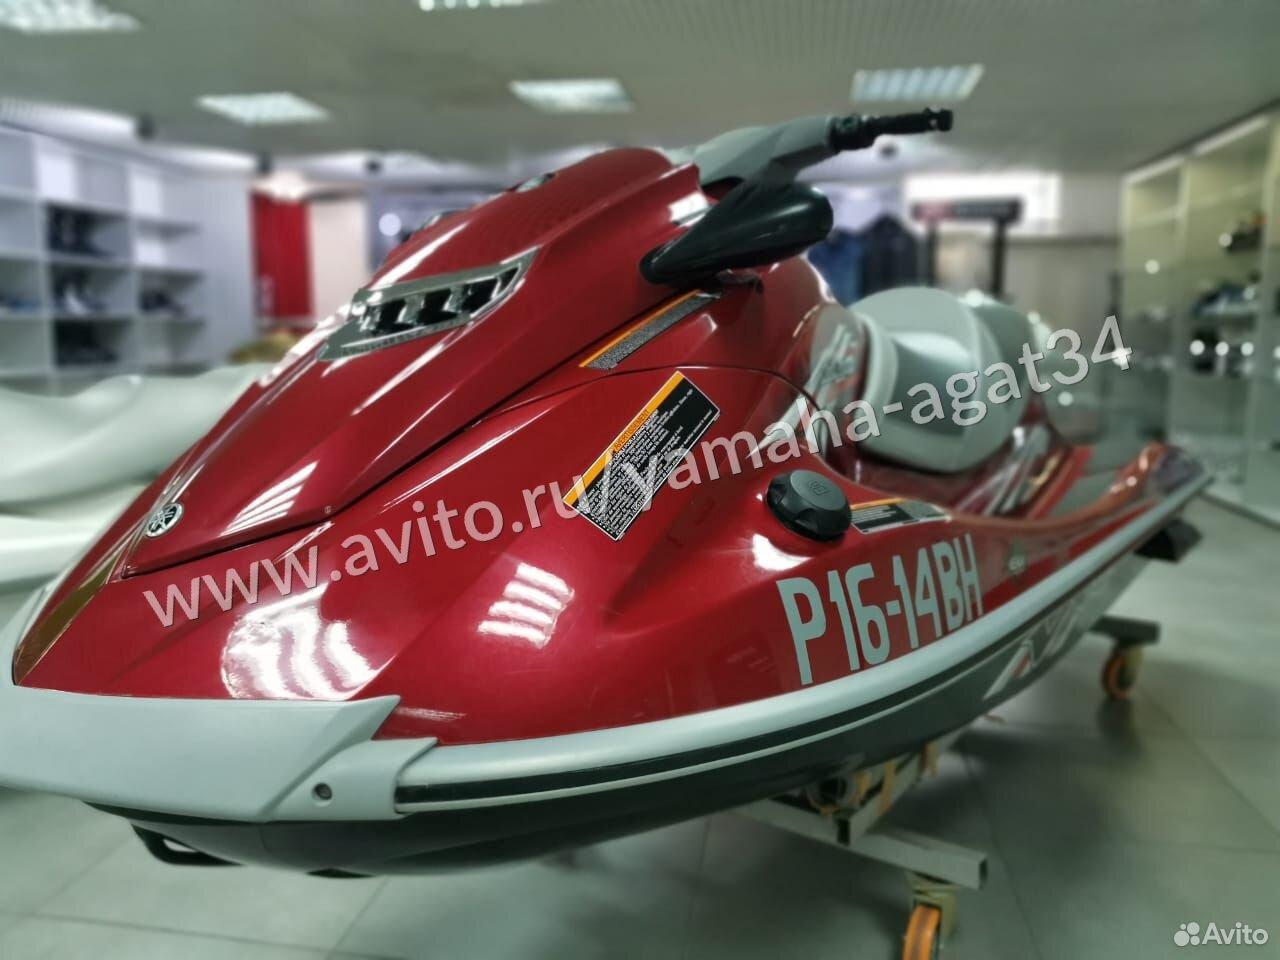 Гидроцикл yamaha VXR  88442984904 купить 1